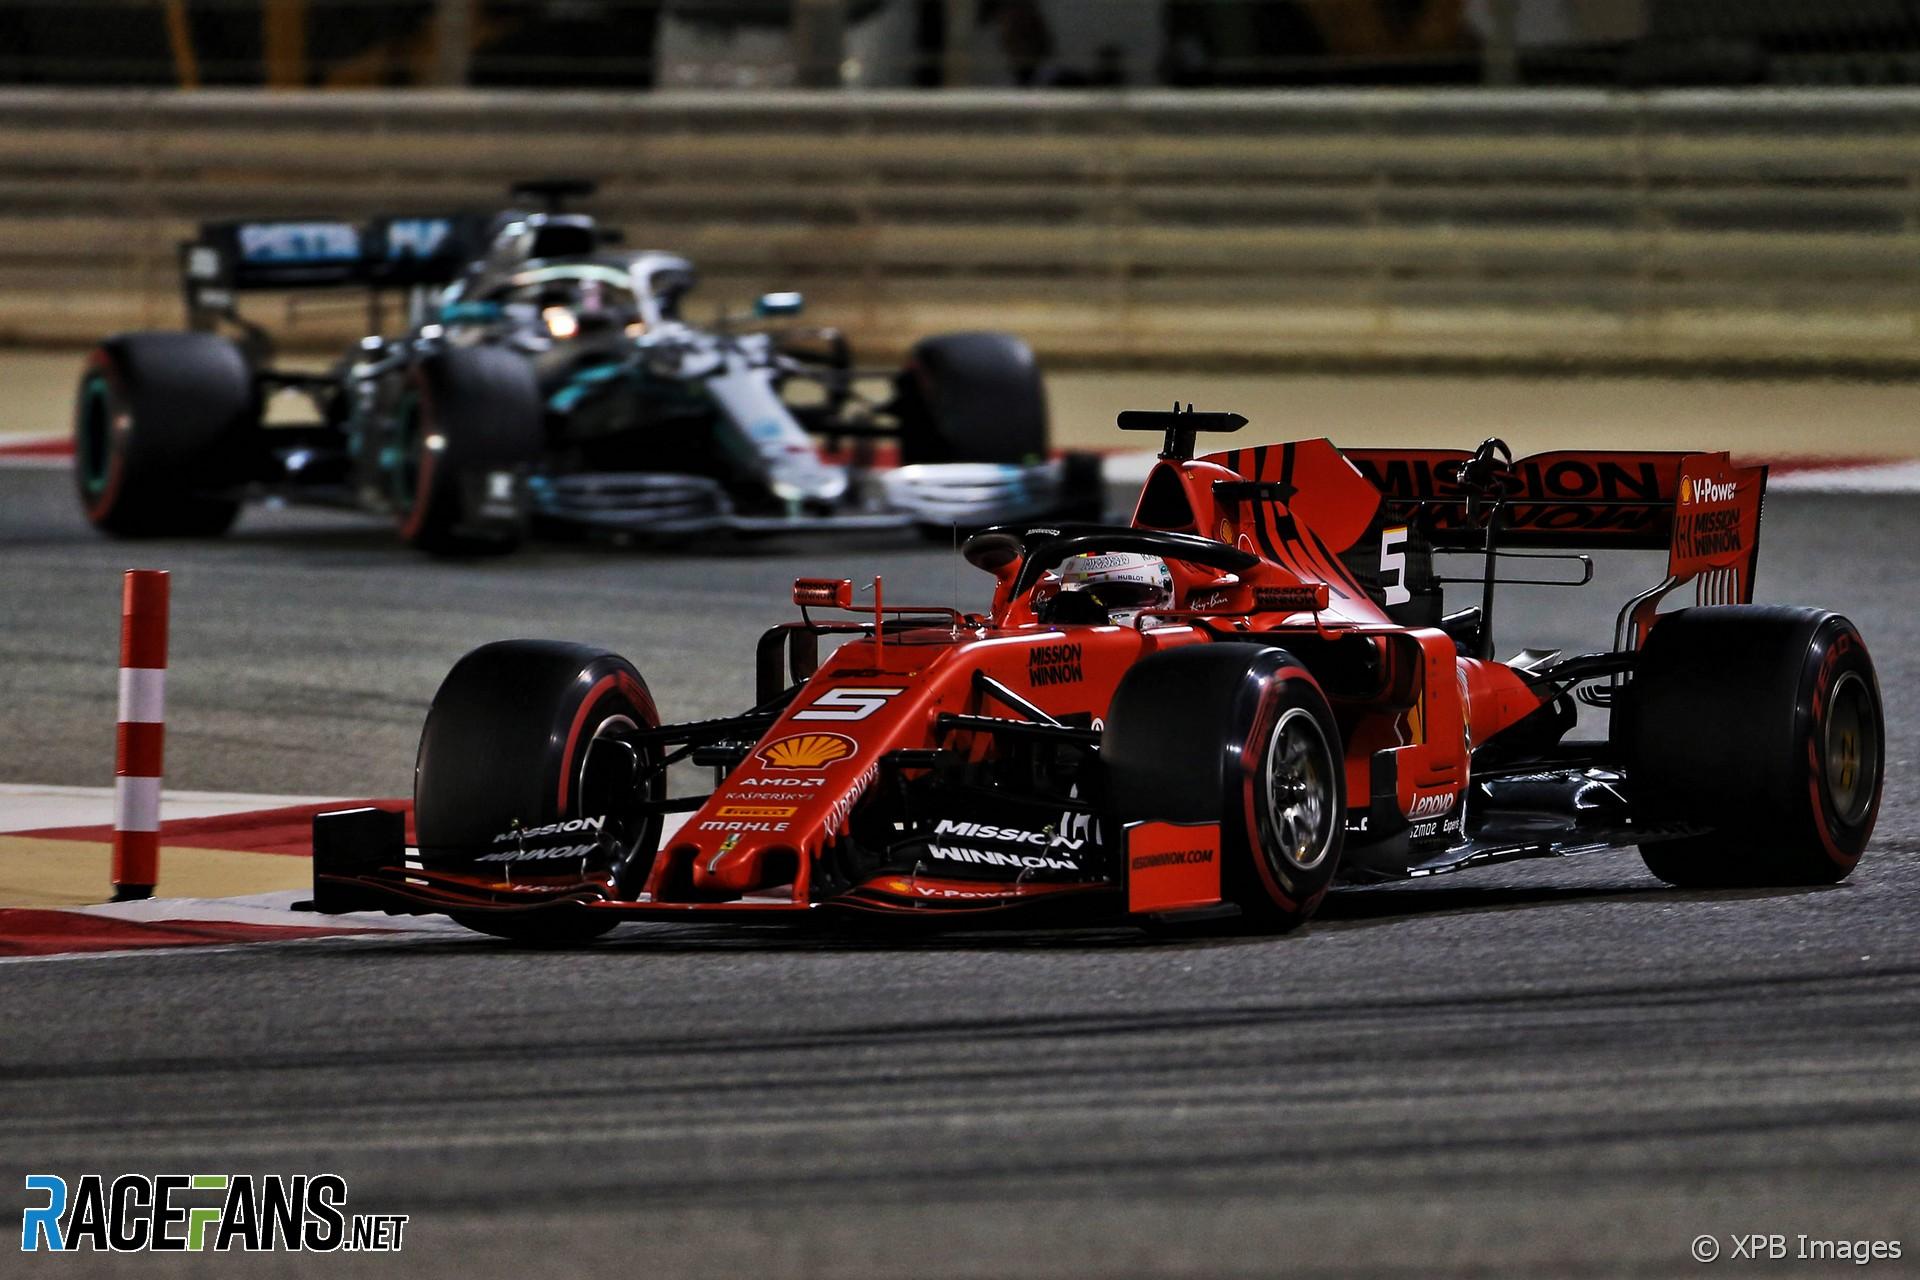 Hamilton: Ferrari's top speed focus may hurt them after Baku